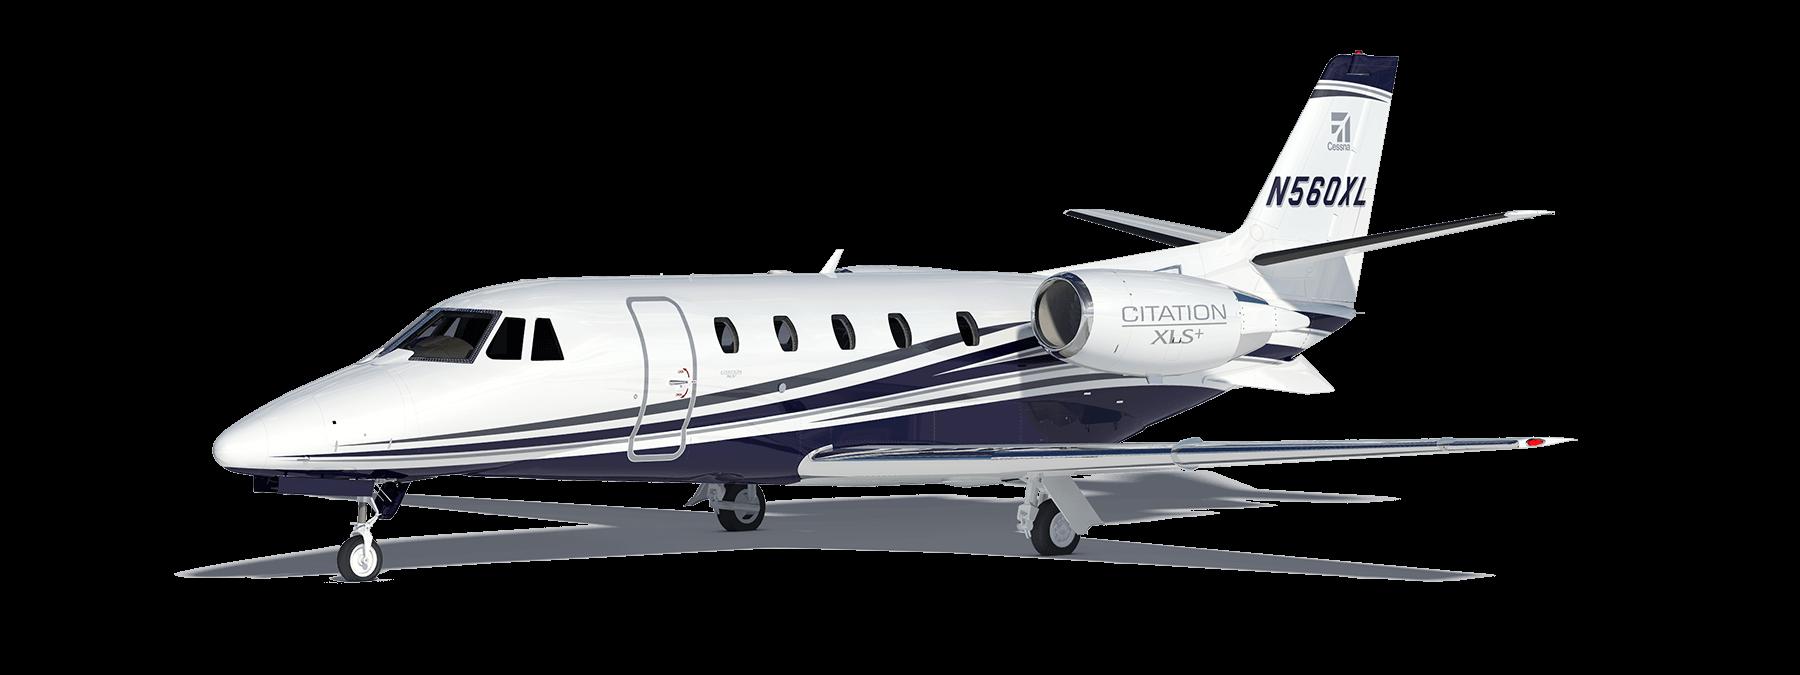 Самолет Cessna Citation XLS +